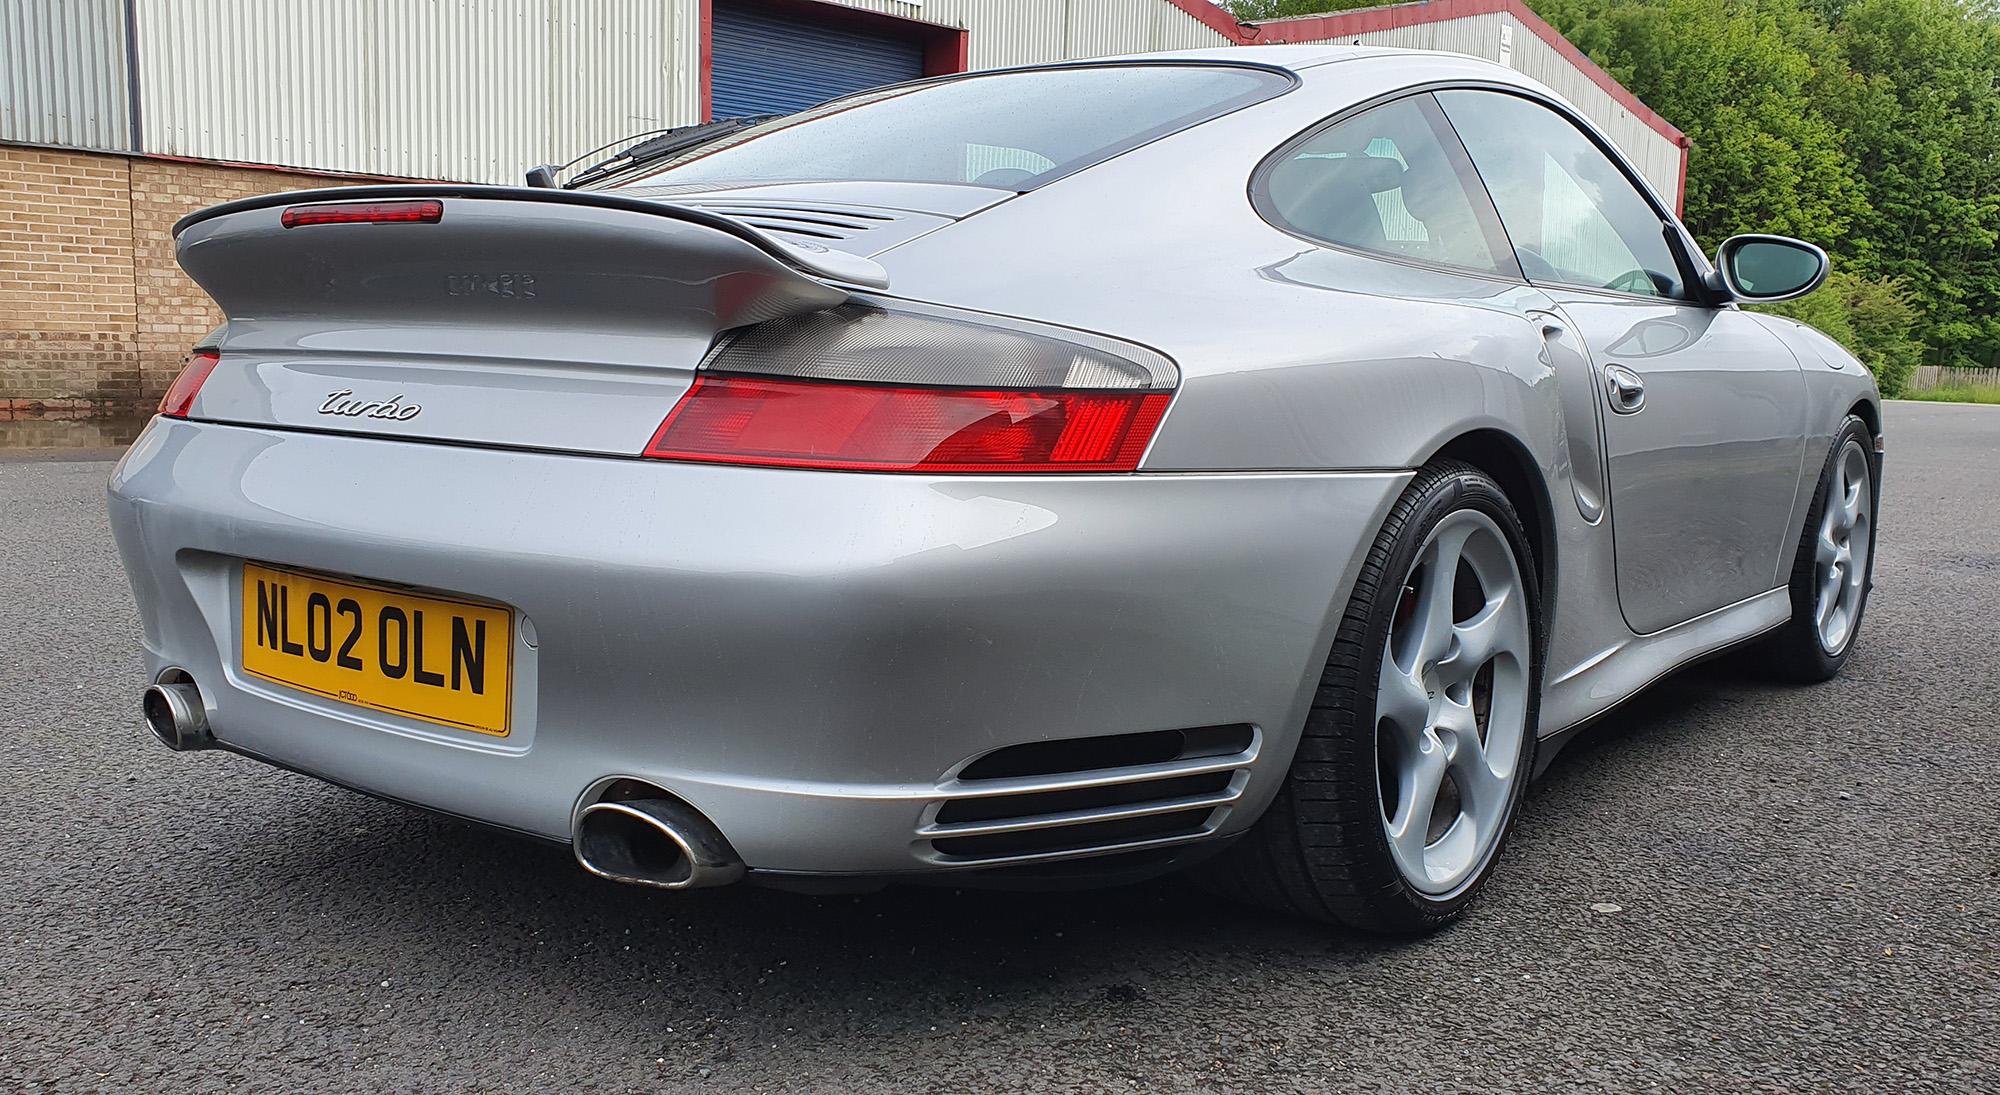 Porsche 911 996 Rear Concours Condition